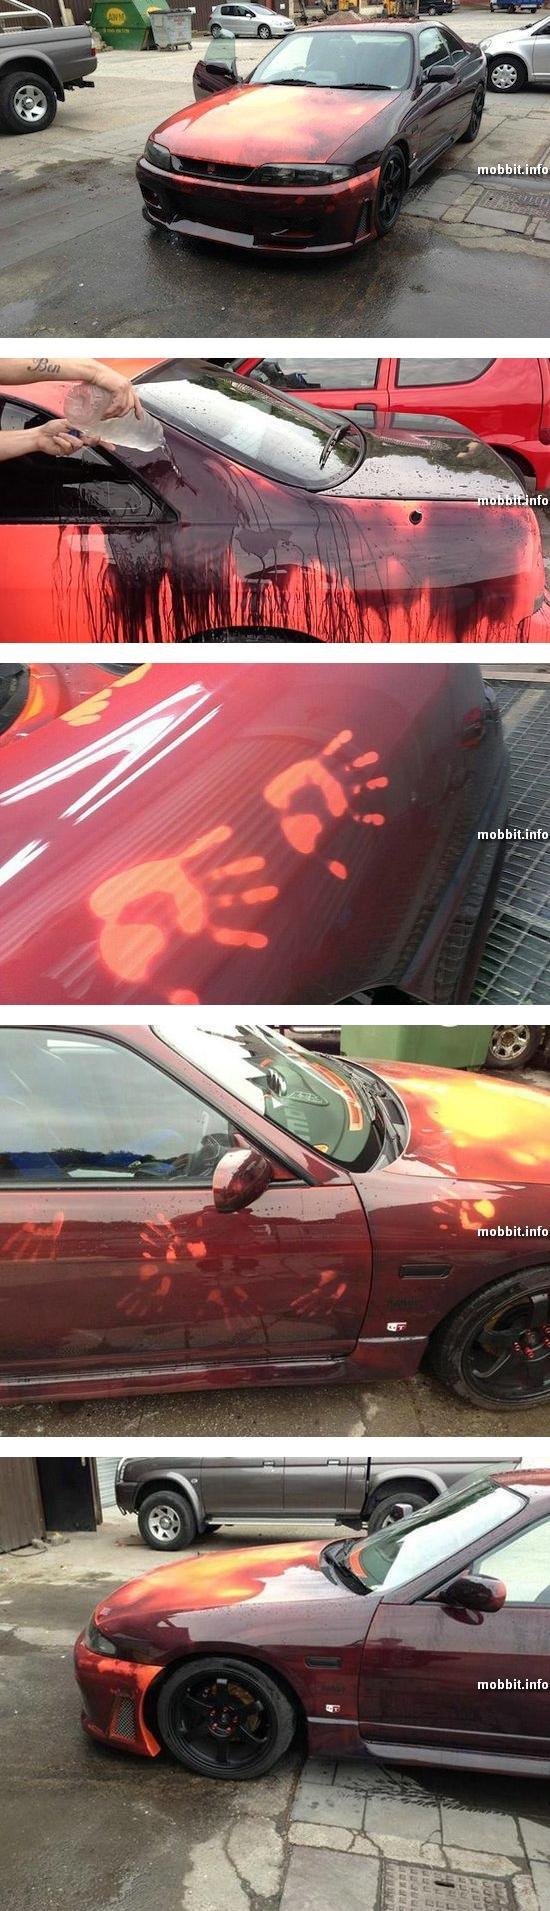 Автомобиль Nissan, который меняет цвет прямо на глазах